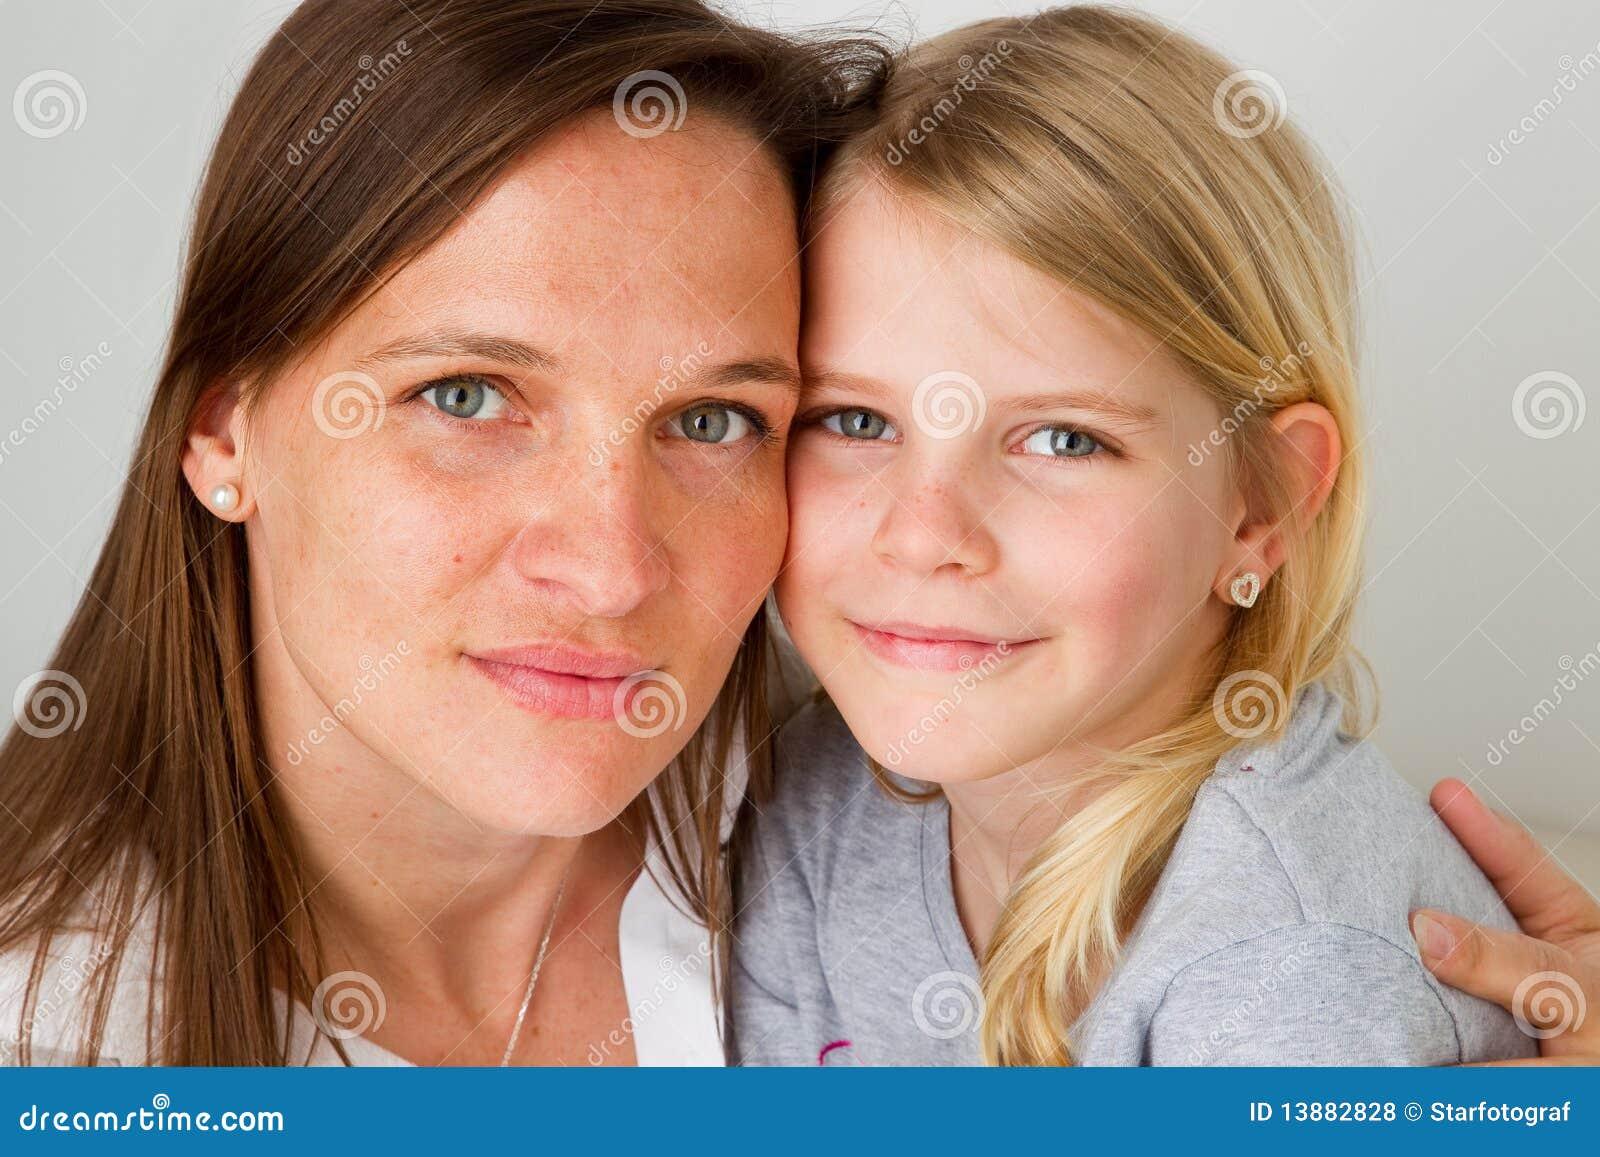 mom daughter facial